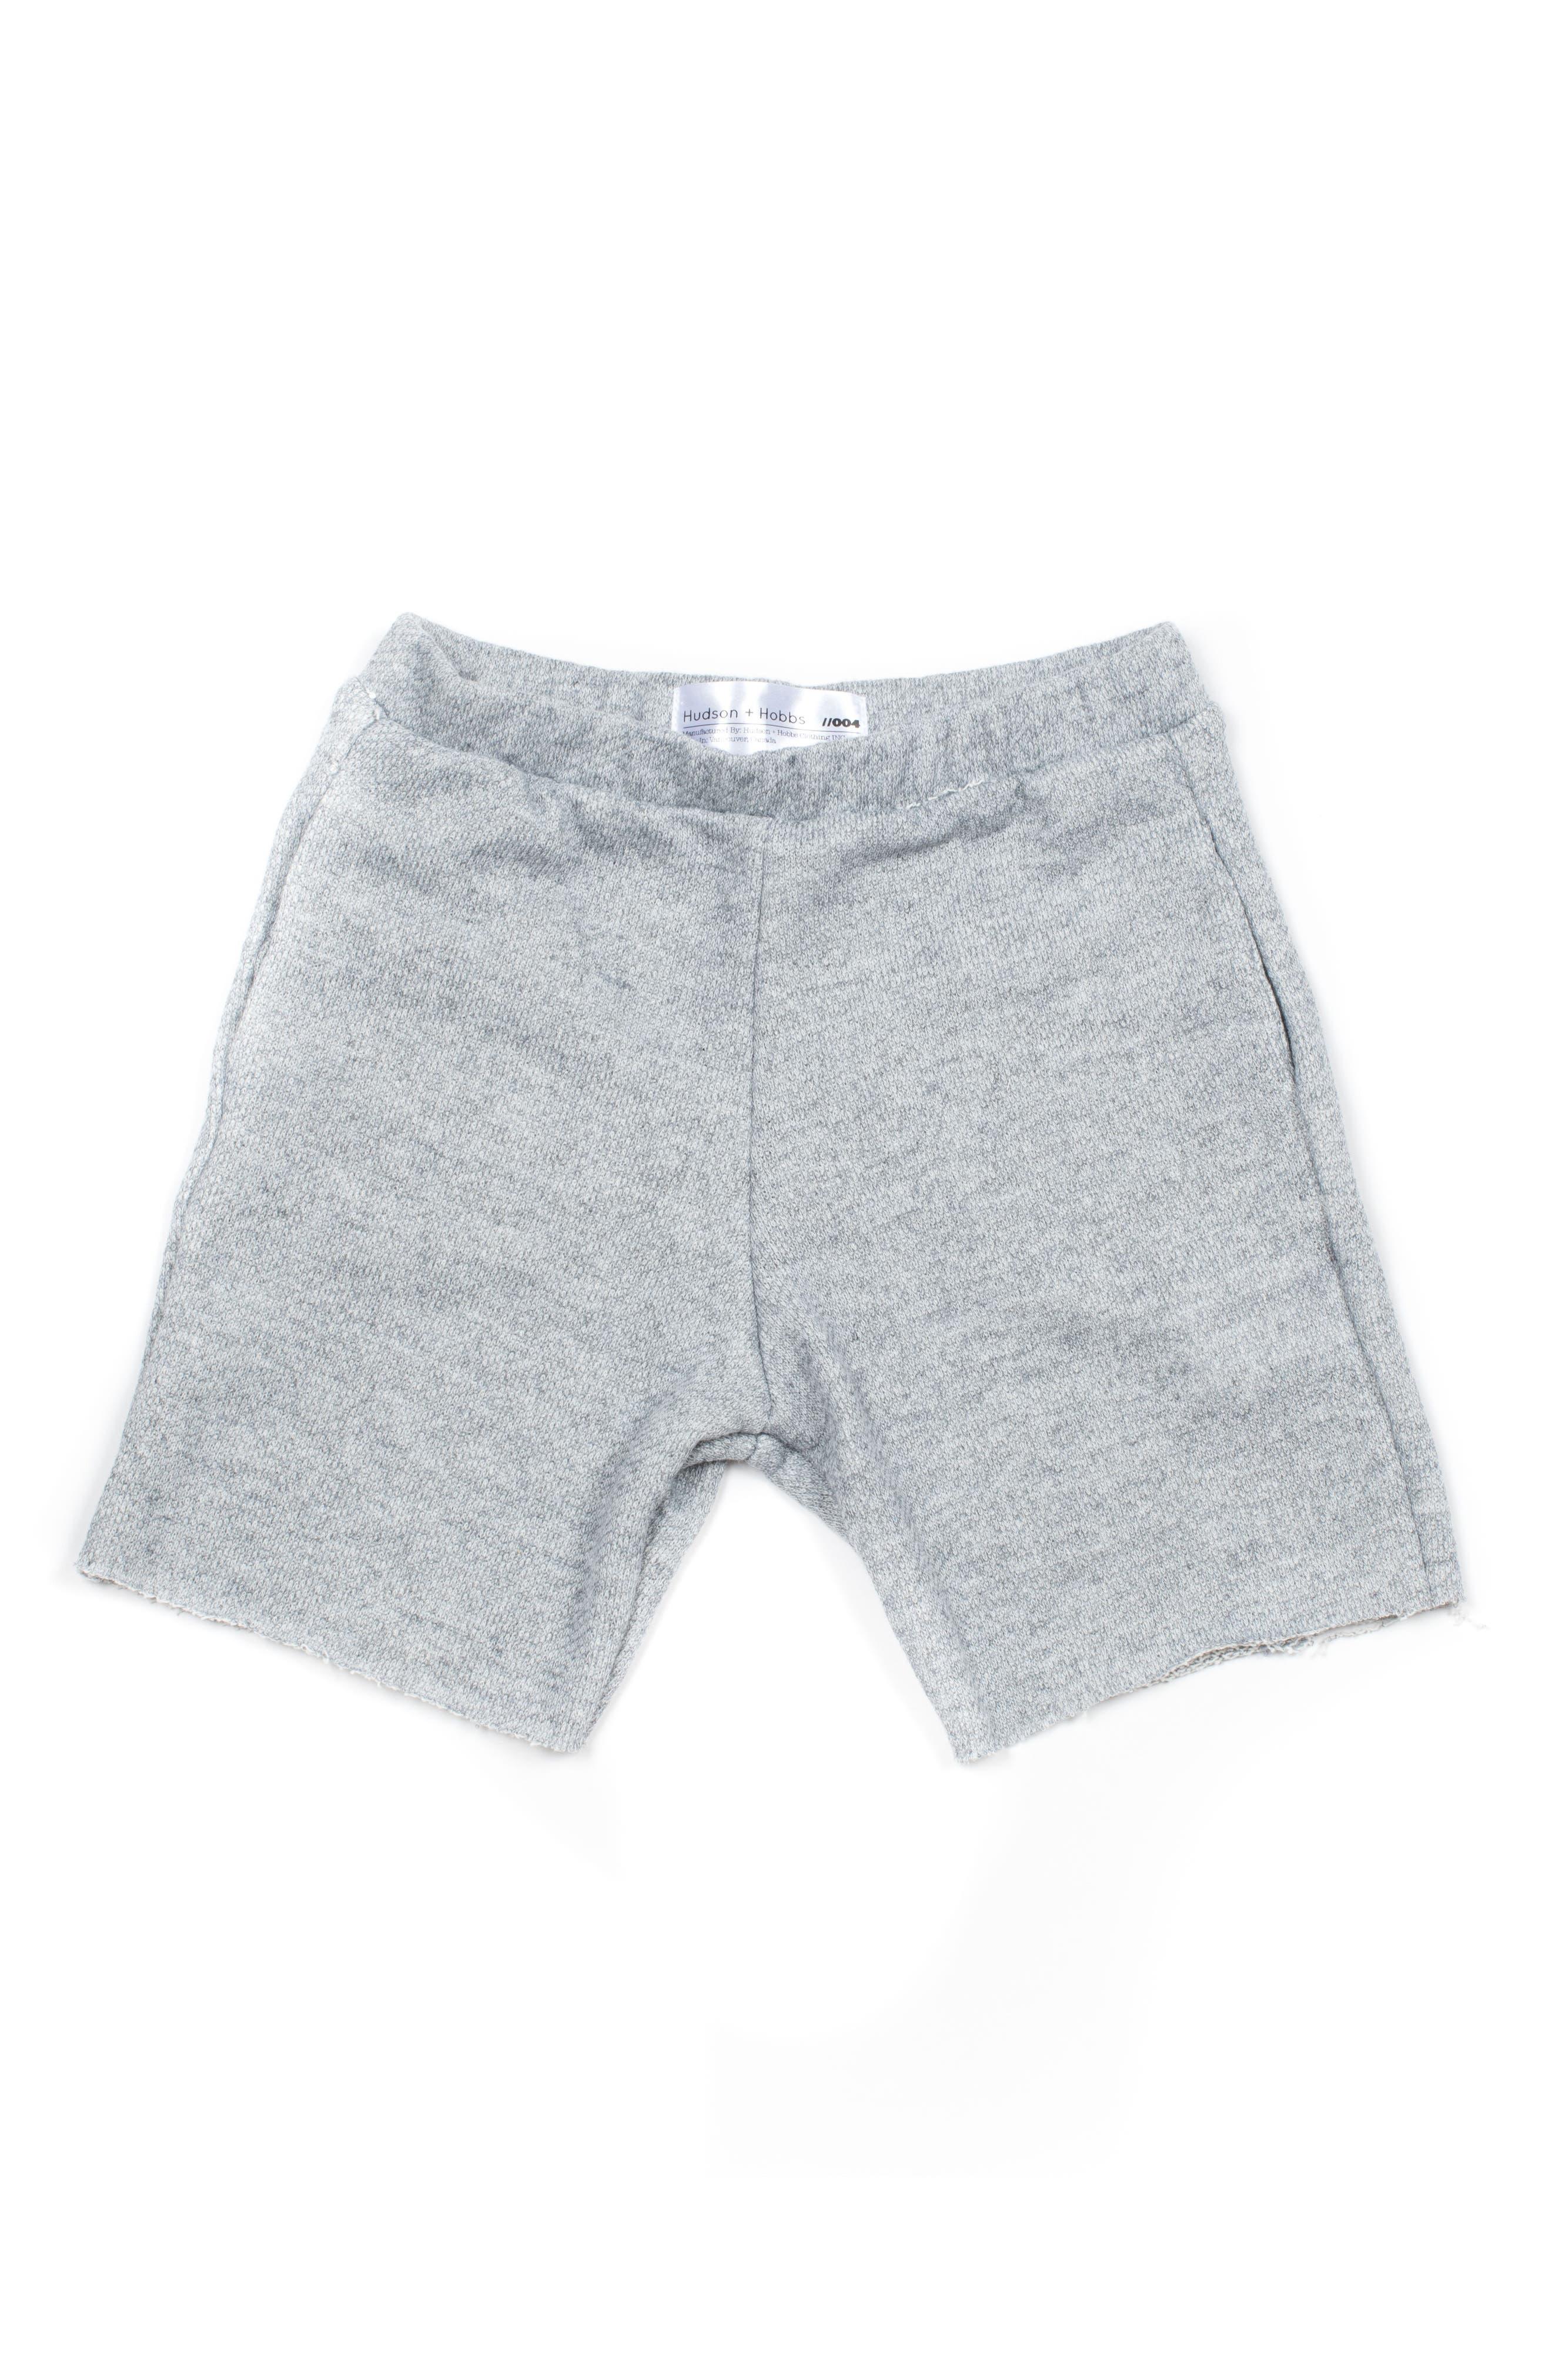 Chance Shorts,                             Main thumbnail 1, color,                             Grey